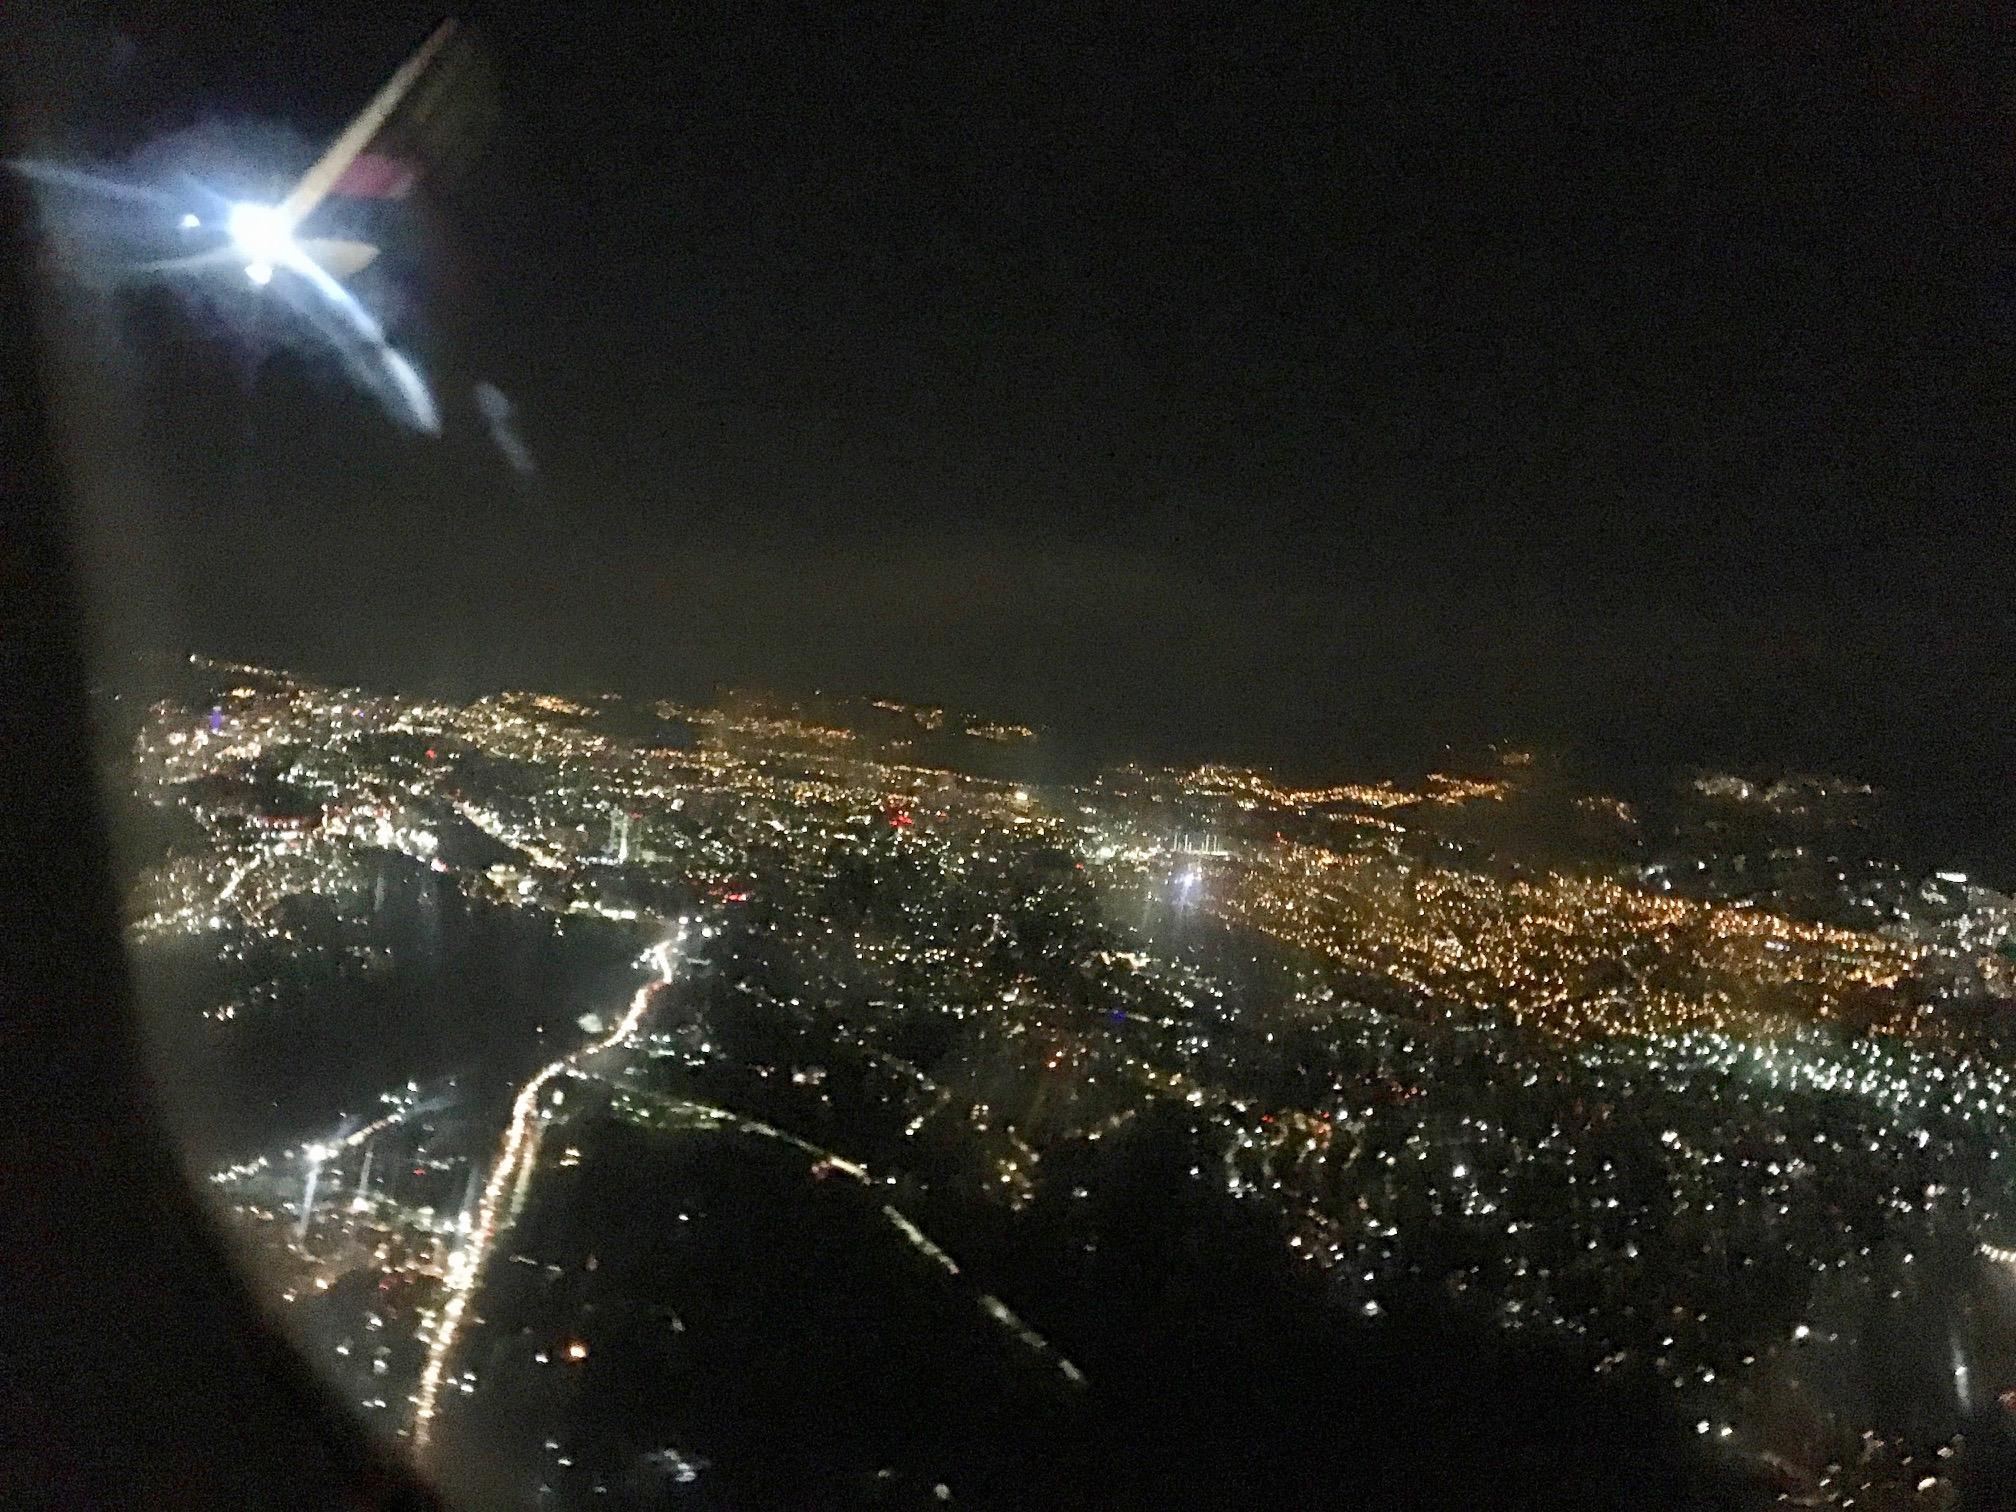 La Ciudad México bei Nacht, ein Lichtermeer. – Bild: Ella Lory